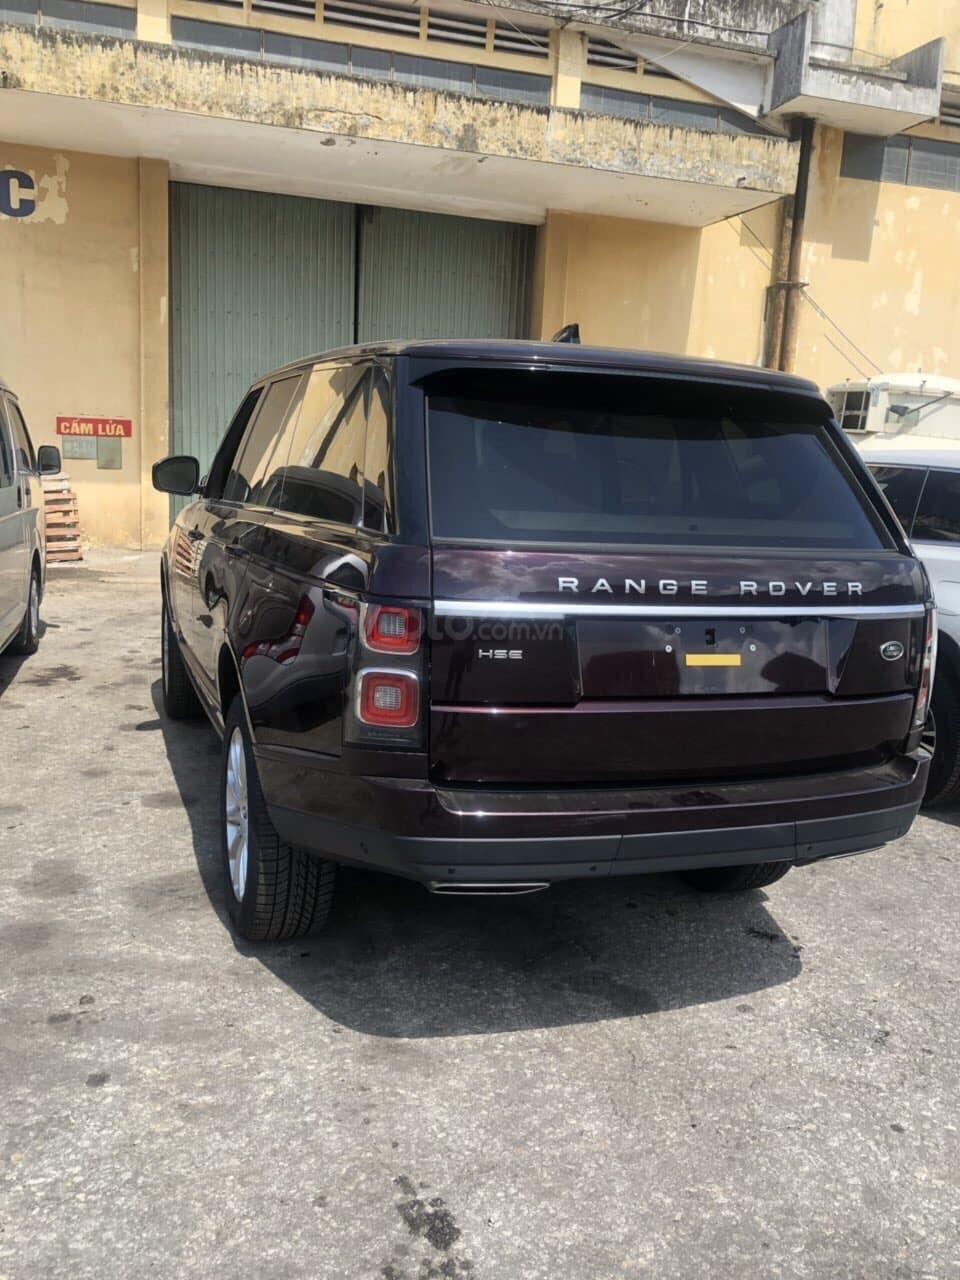 Bán LandRover Range Rover HSE Black Edition sản xuất 2019 đen, xe nhập khẩu, giao ngay (3)